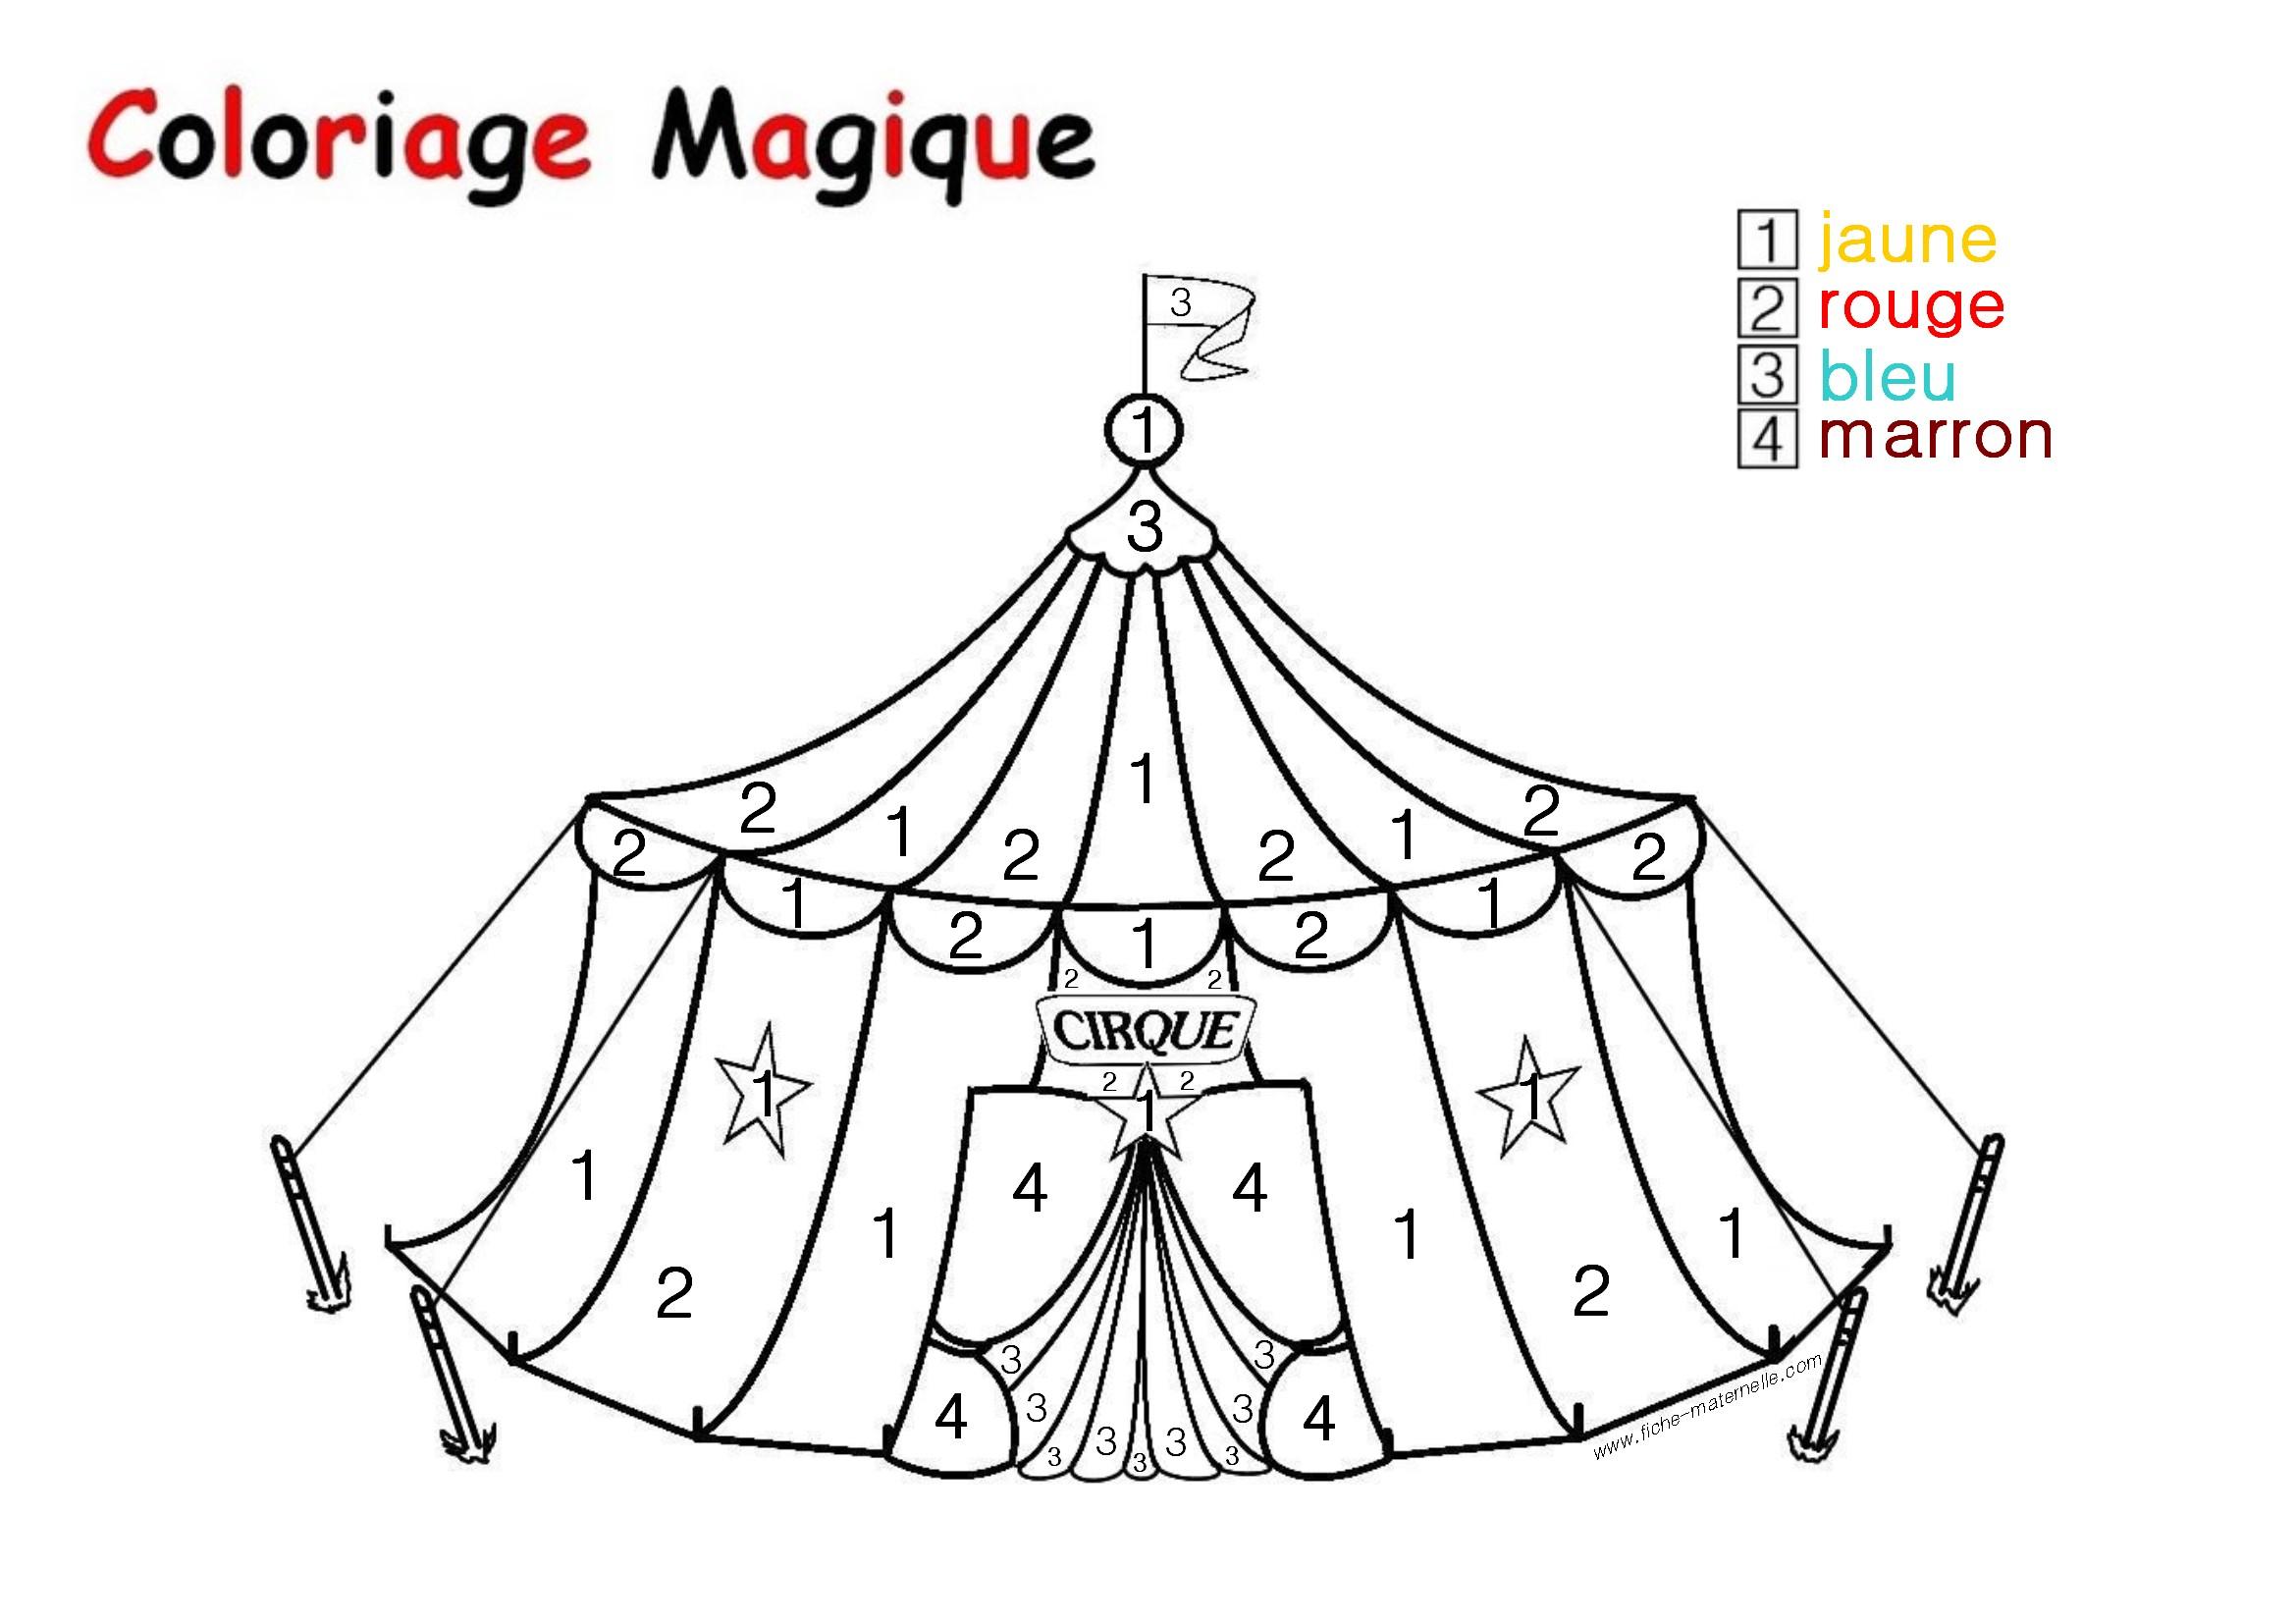 Coloriage Magique Pour Les Plus Petits : Un Chapiteau à Coloriage Magique Petite Section